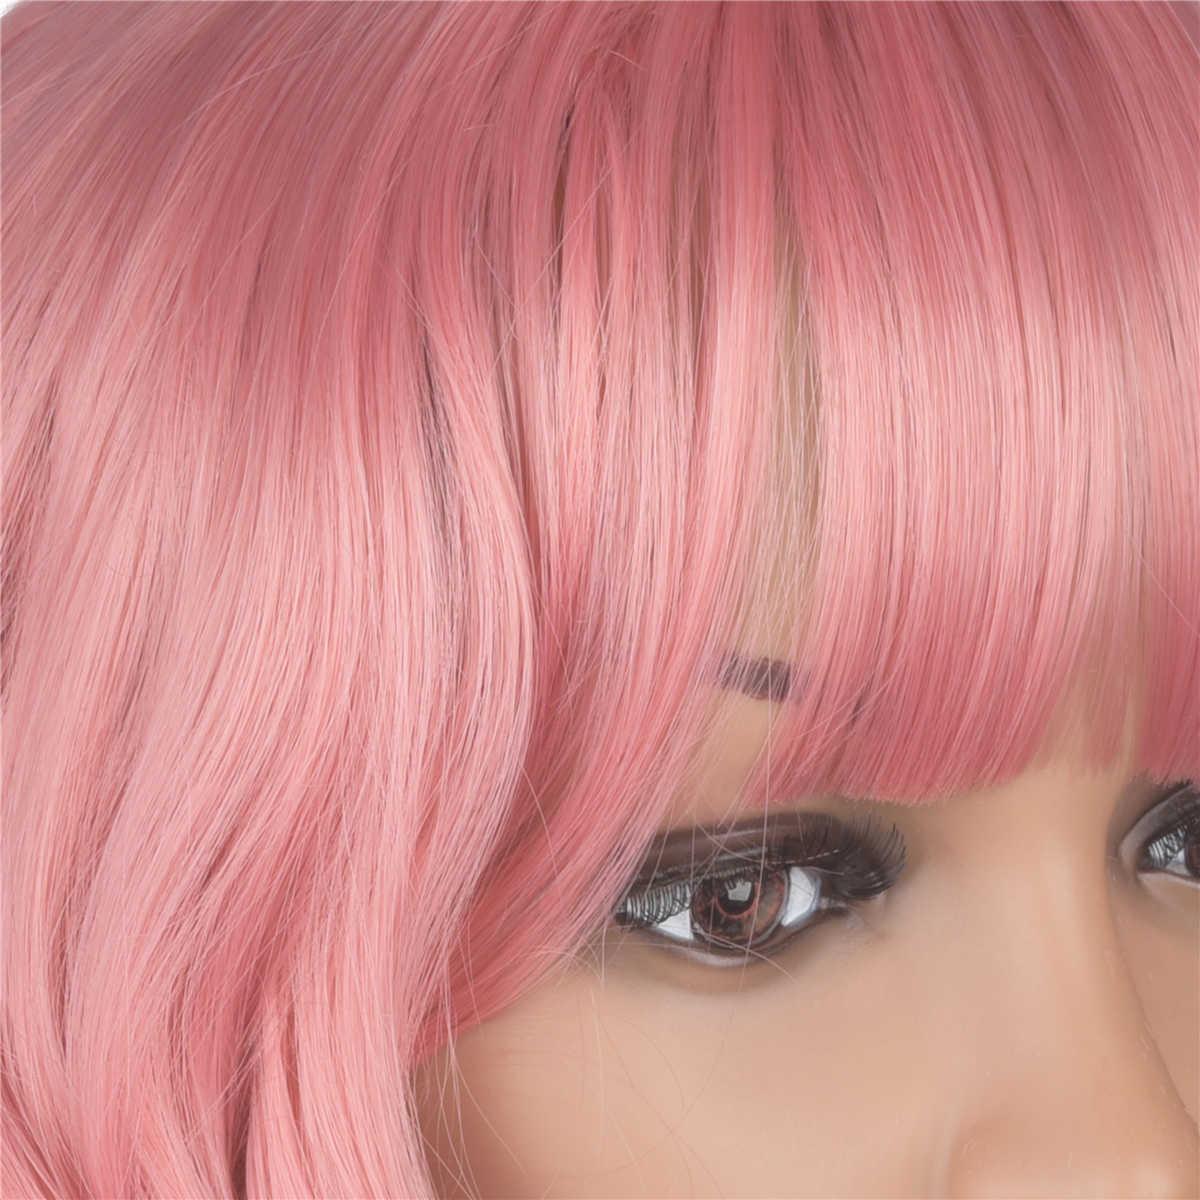 Yunrong Rose Roze Kleur Synthetische Pruik Met Pony Restyleable Hoge Temperatuur Fiber Lijmloze Synthetisch Haar Losse Golf Cosplay